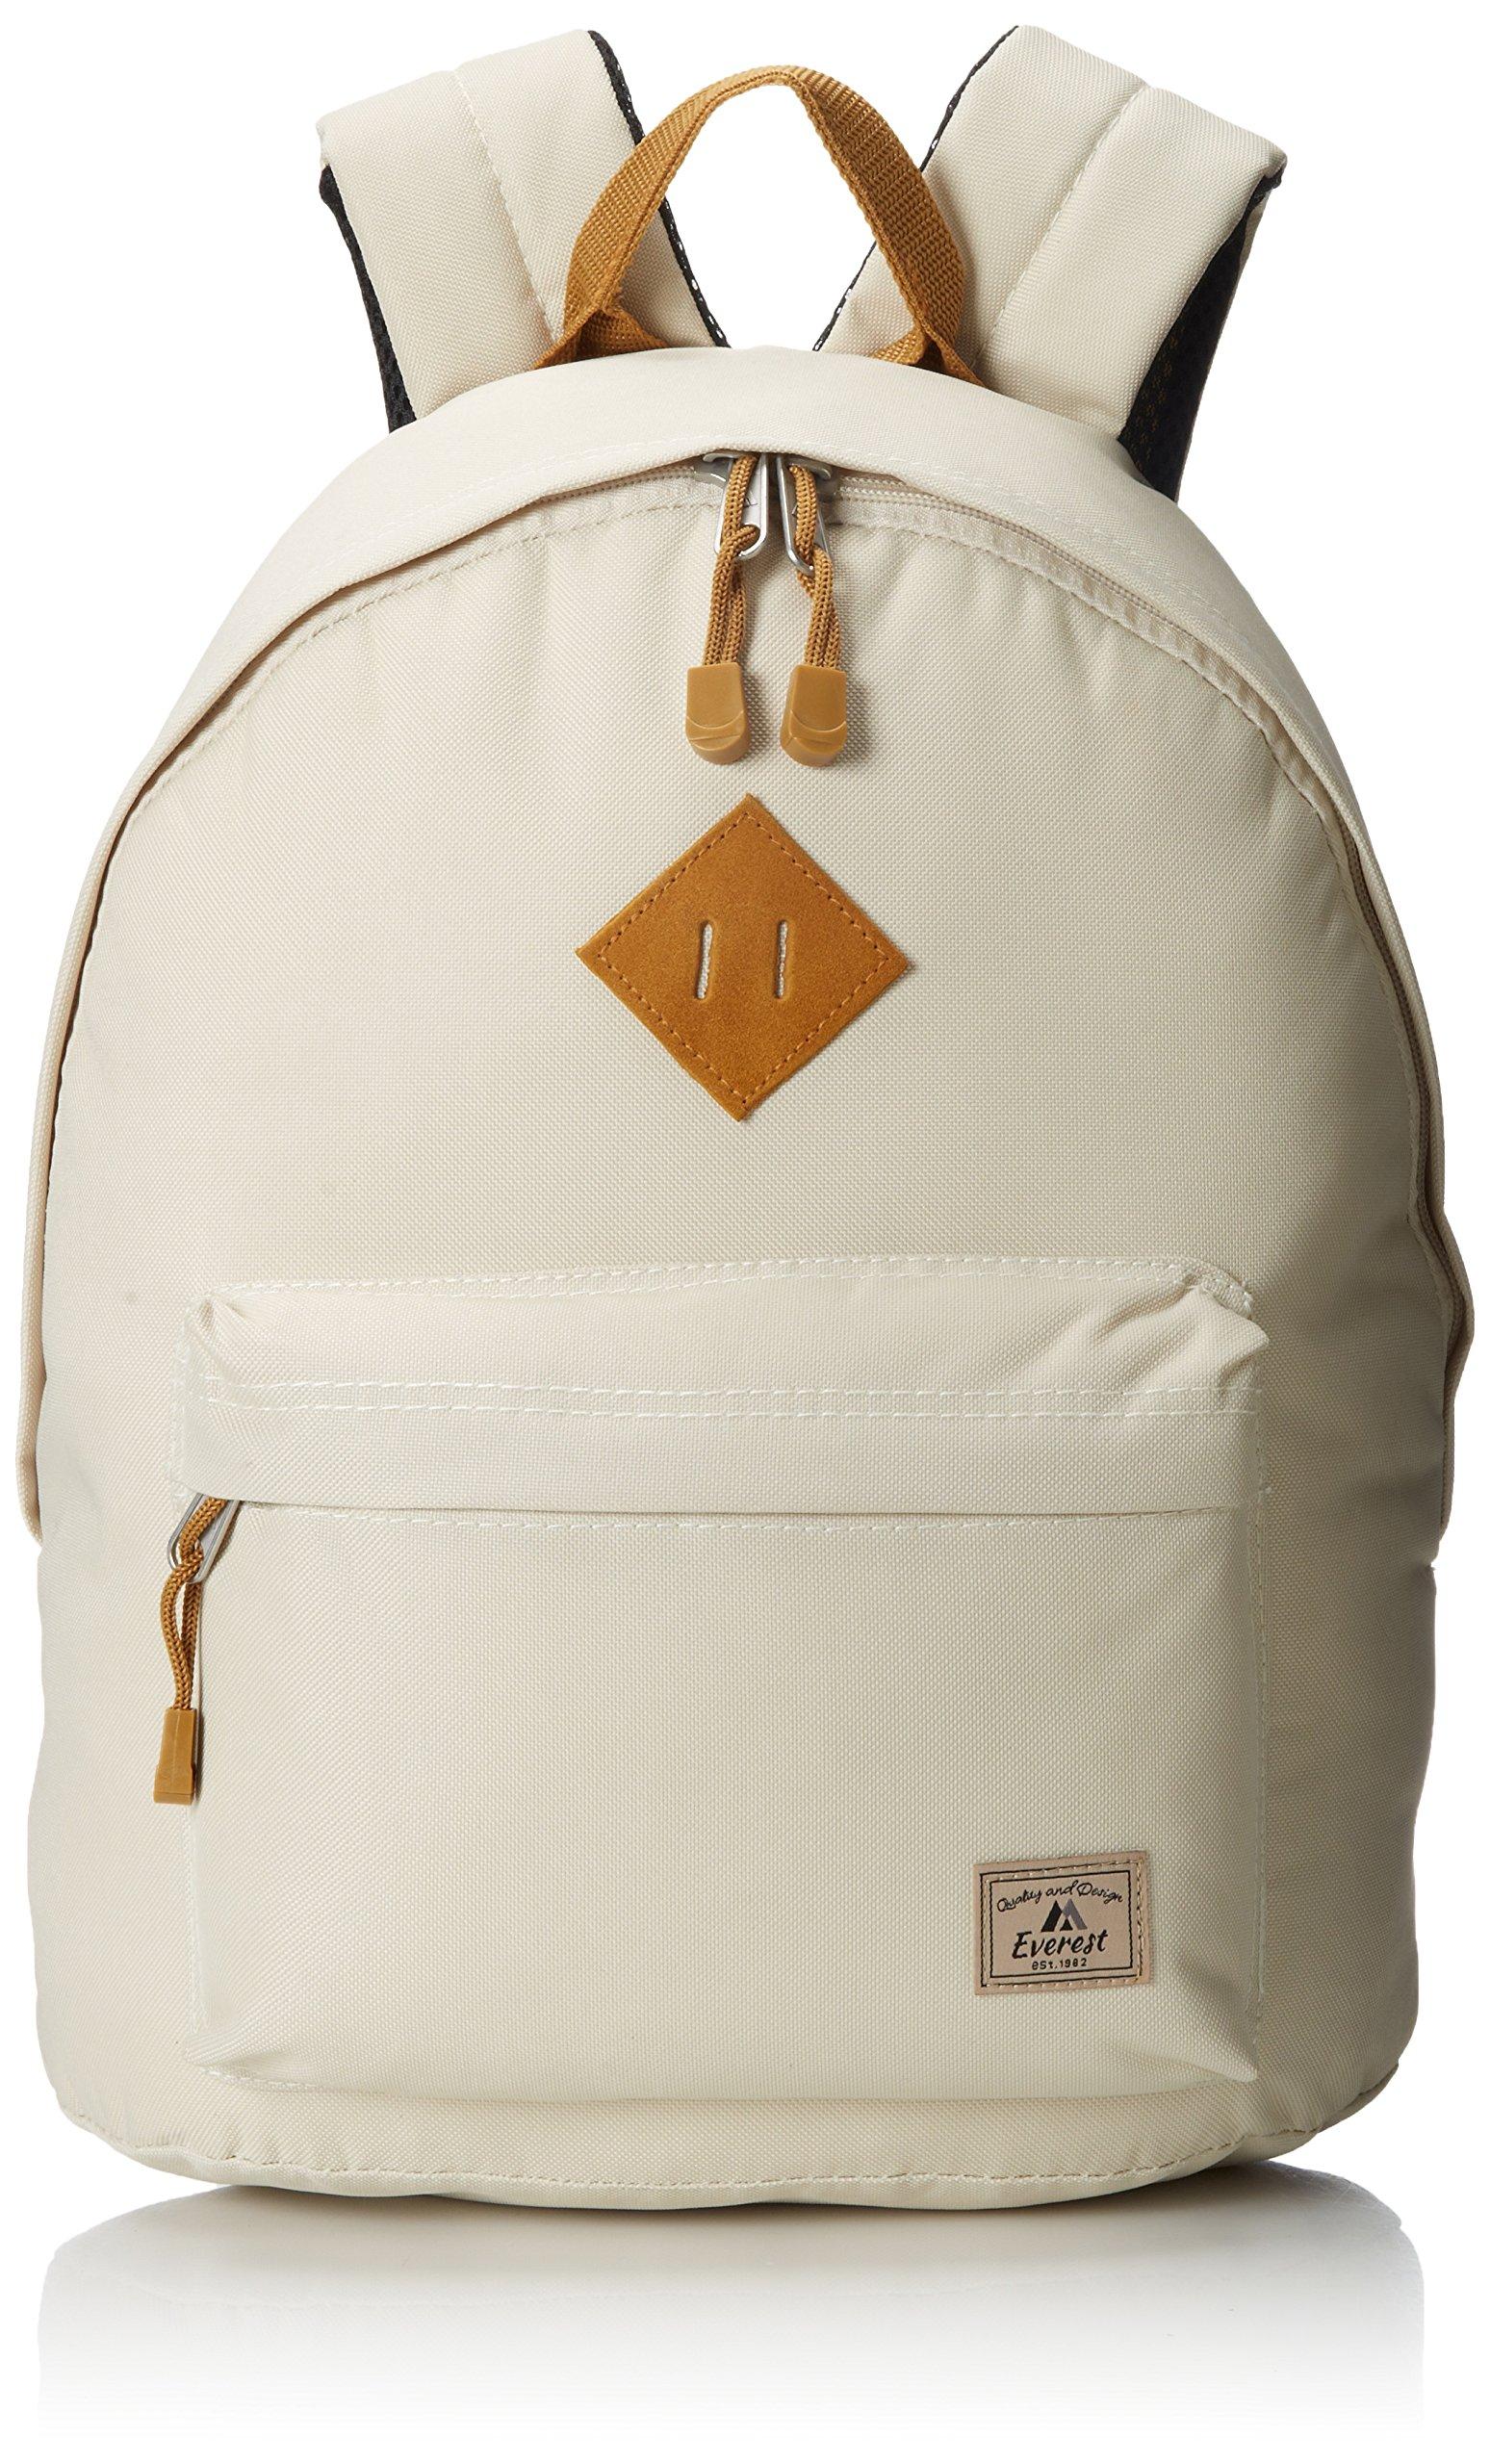 Everest Vintage Backpack, Beige, One Size